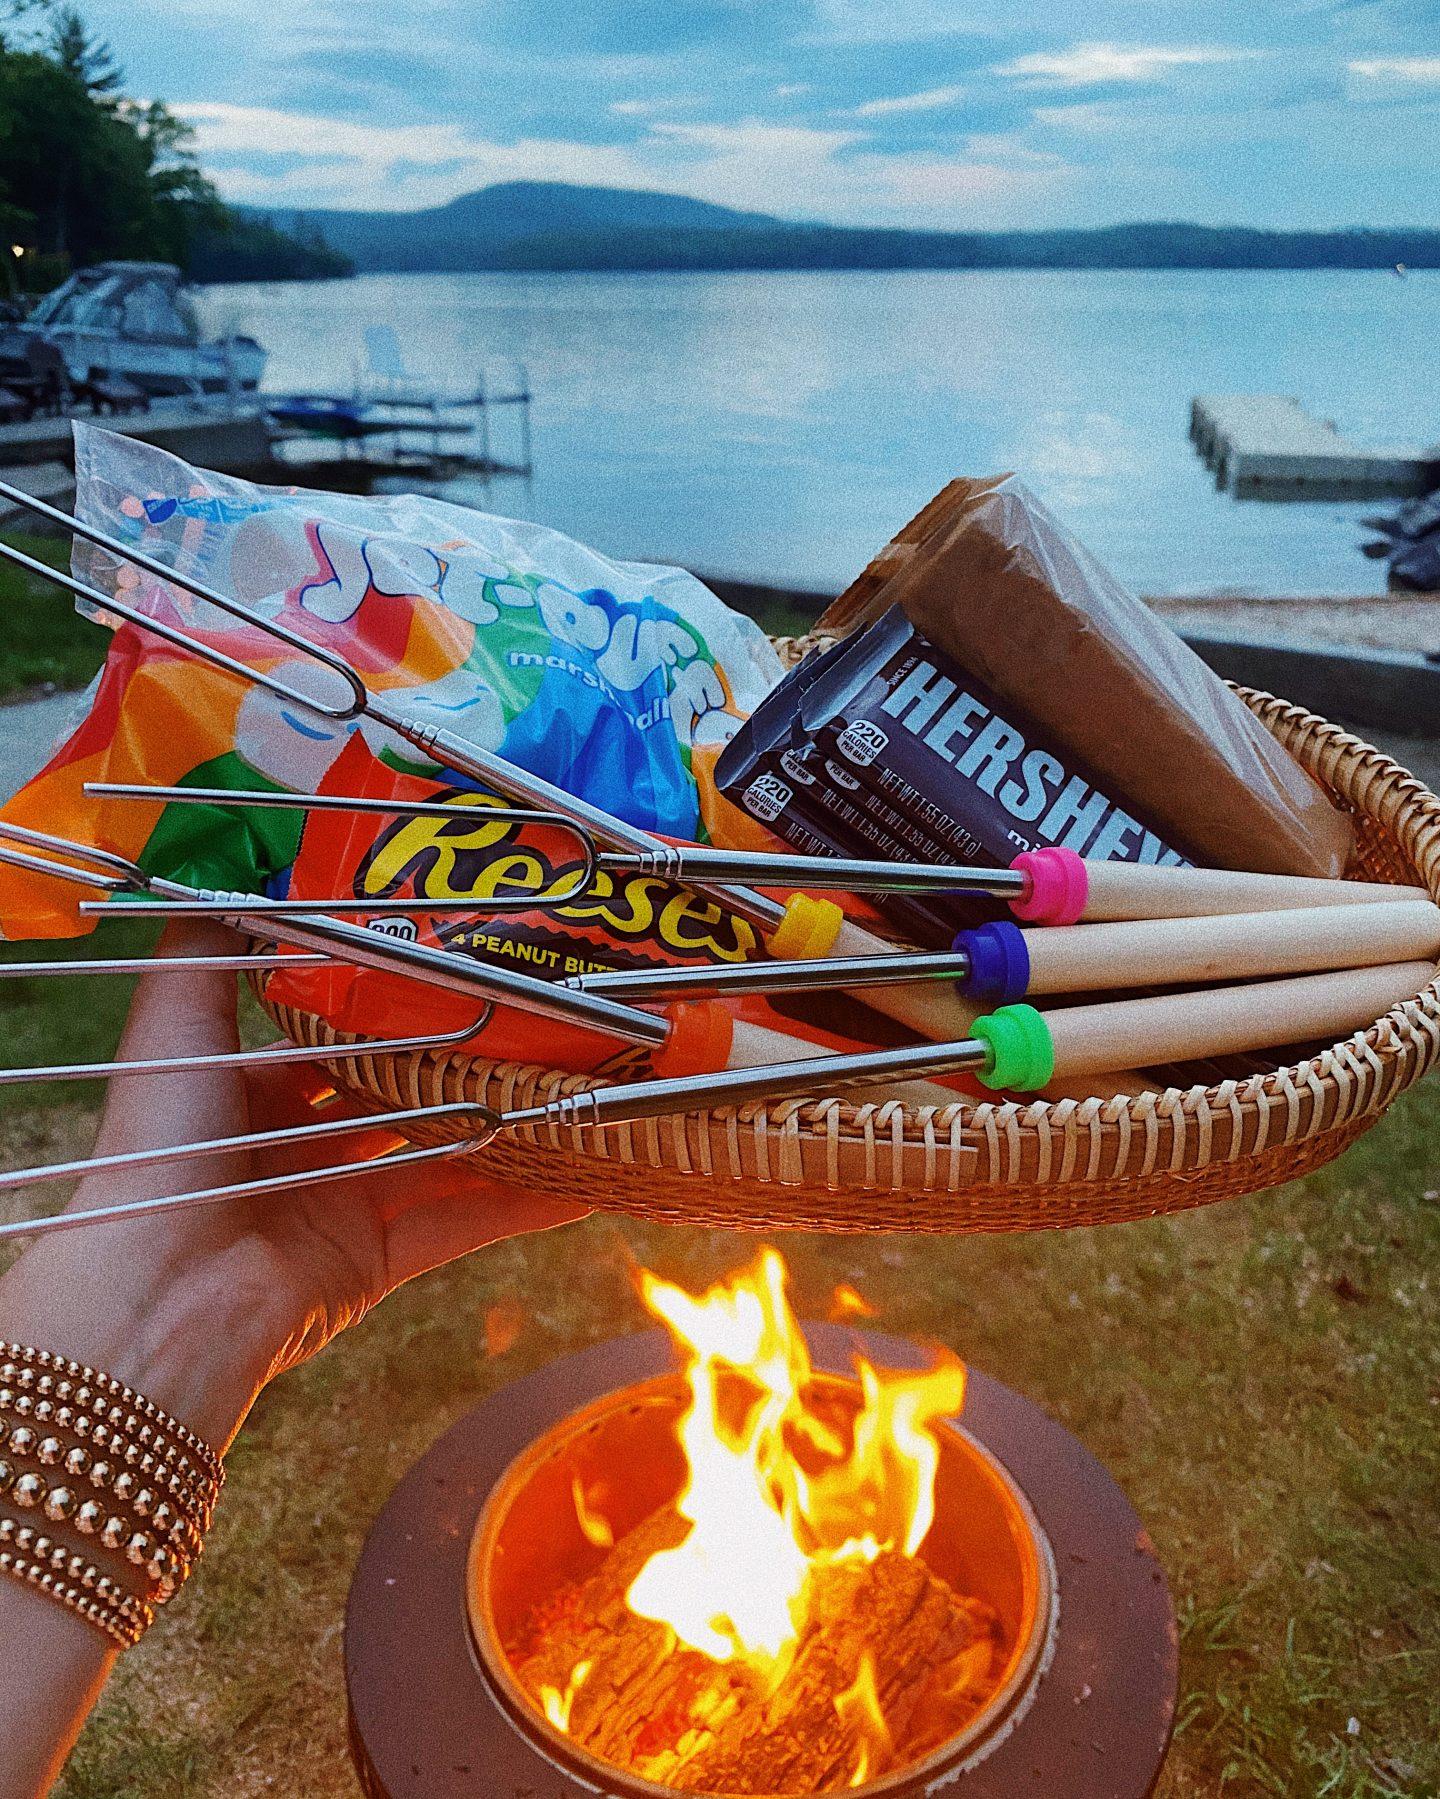 Amazon marshmallow roasting sticks